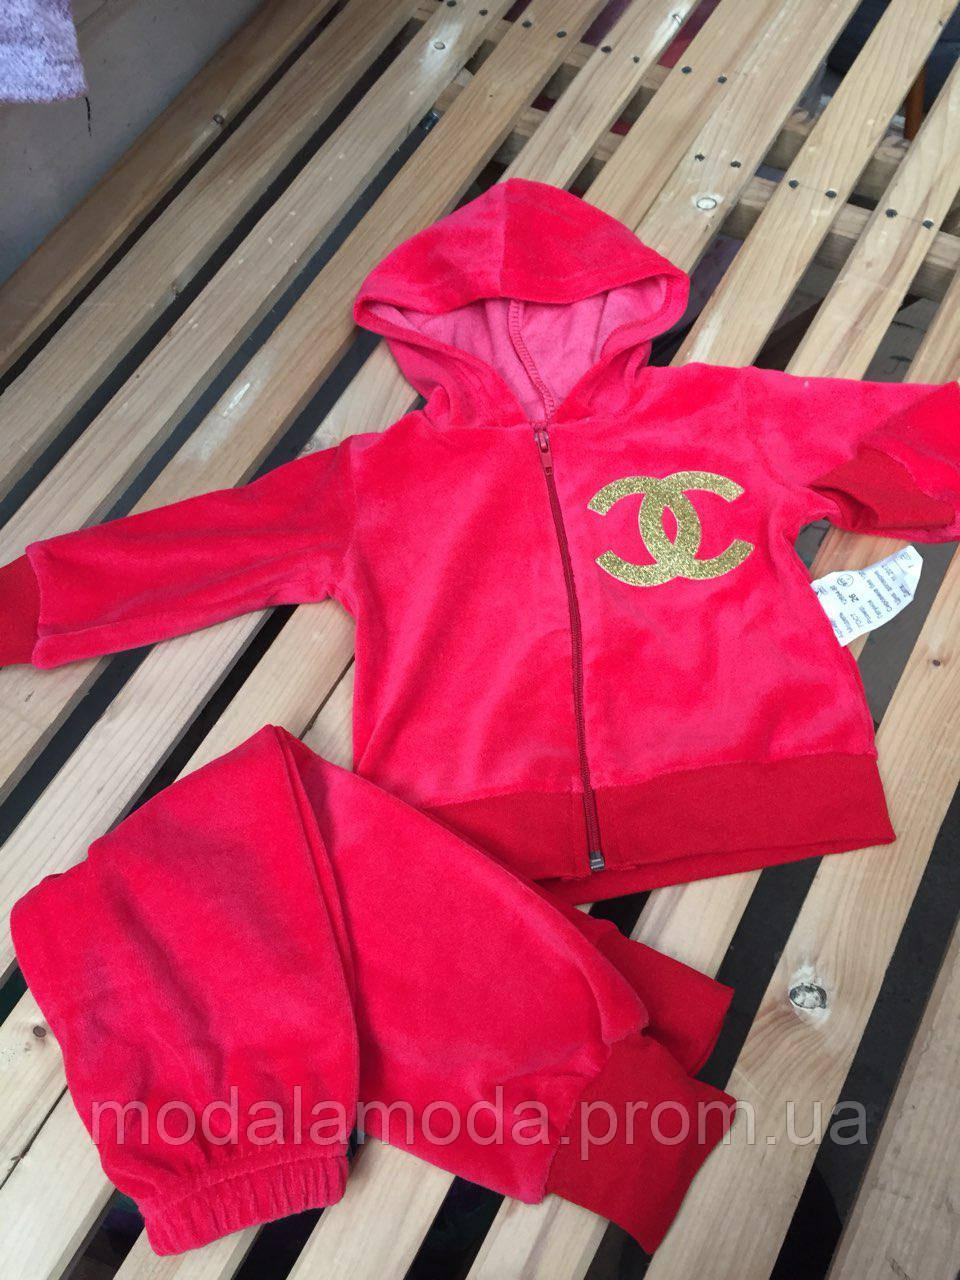 9a2608373b2c Детский велюровый спортивный костюм шанель для девочки - LoveModa в  Хмельницком